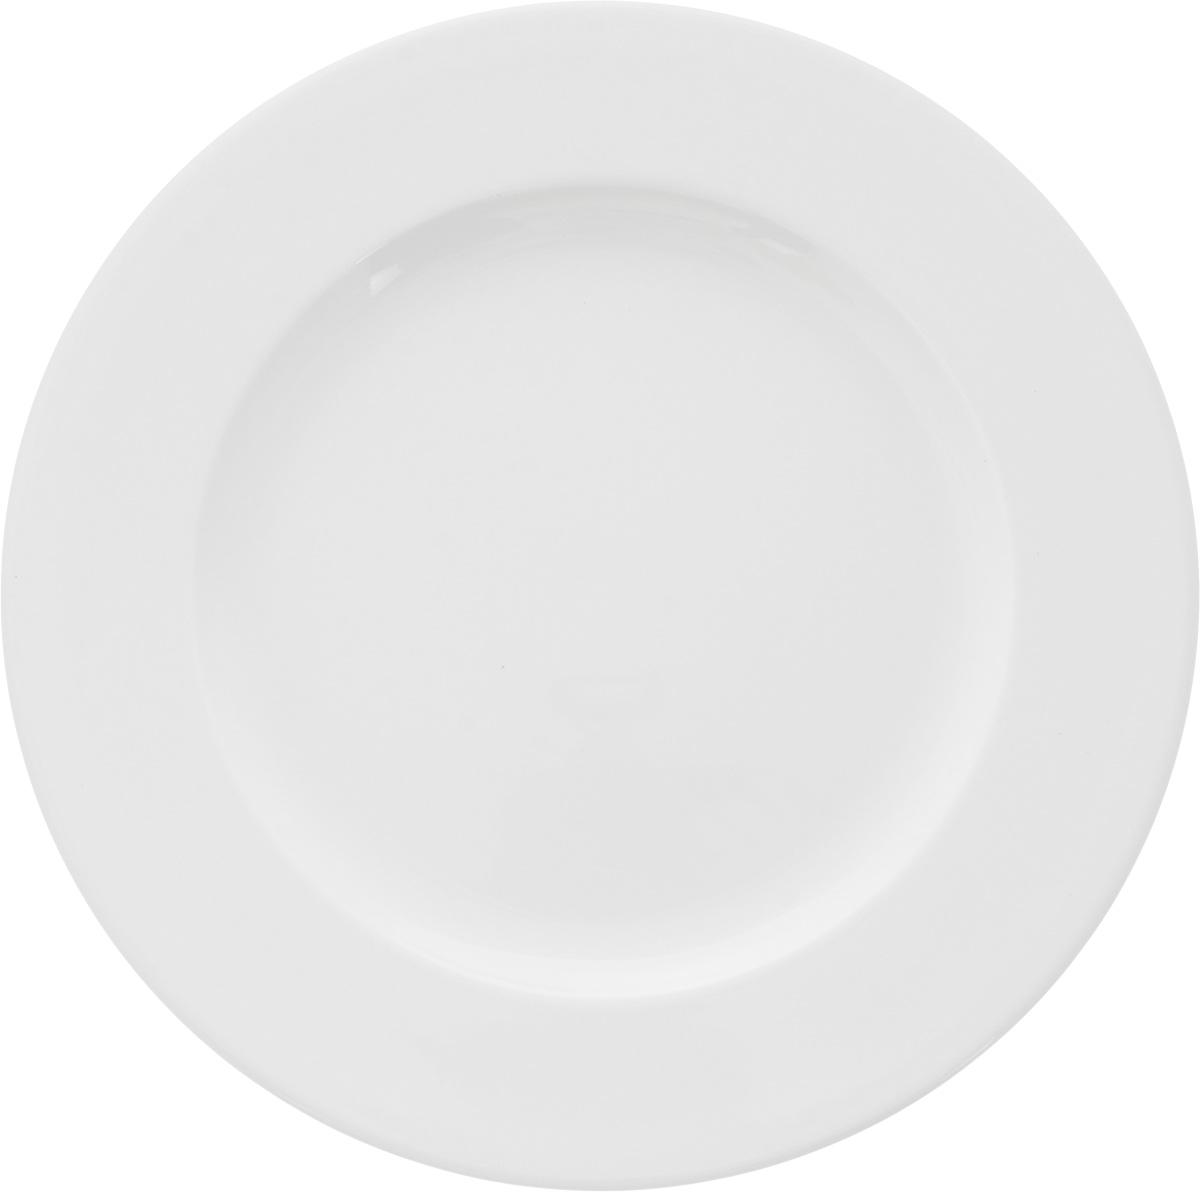 Тарелка мелкая Ariane Прайм, диаметр 21 смAPRARN11021Мелкая тарелка Ariane Прайм, изготовленная из высококачественного фарфора, имеет классическую круглую форму. Такая тарелка прекрасно подходит как для торжественных случаев, так и для повседневного использования. Идеальна для подачи десертов, пирожных, тортов и многого другого. Она прекрасно оформит стол и станет отличным дополнением к вашей коллекции кухонной посуды.Можно мыть в посудомоечной машине и использовать в микроволновой печи. Высота: 2 см.Диаметр тарелки: 21 см.